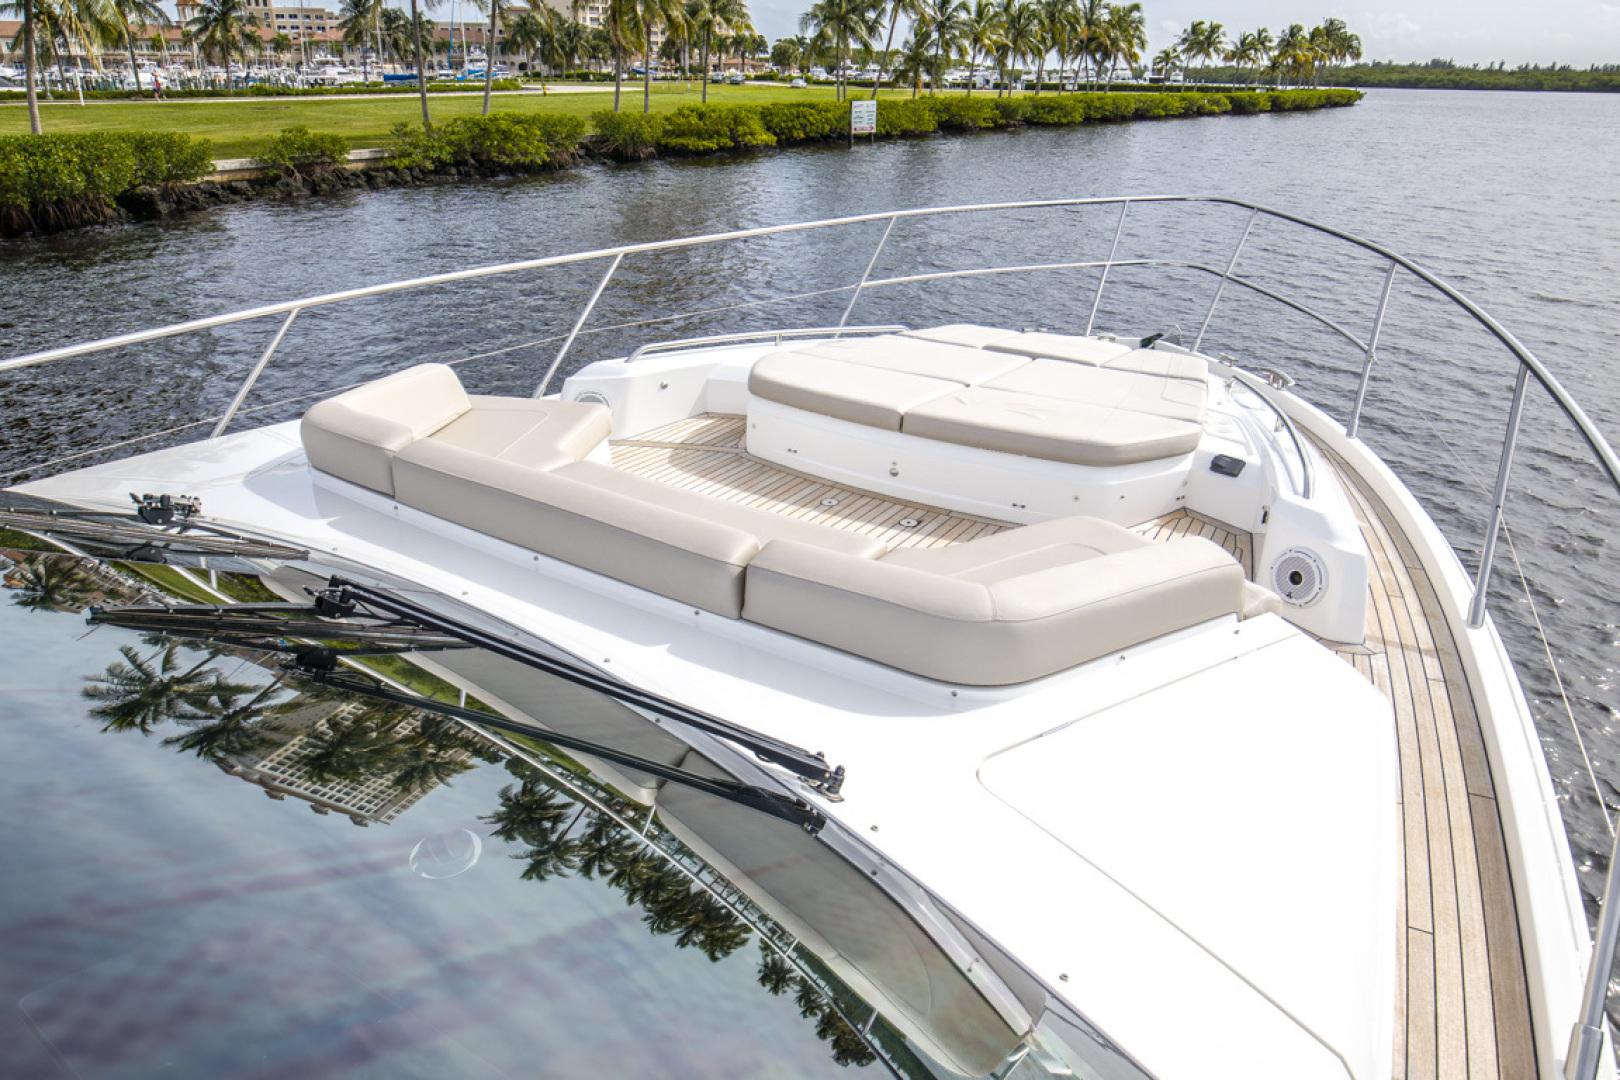 Princess-S65 2019-Paragon Cape Coral-Florida-United States-2019 65 Princess S65-Paragon-Bow Deck Seating-1510282 | Thumbnail